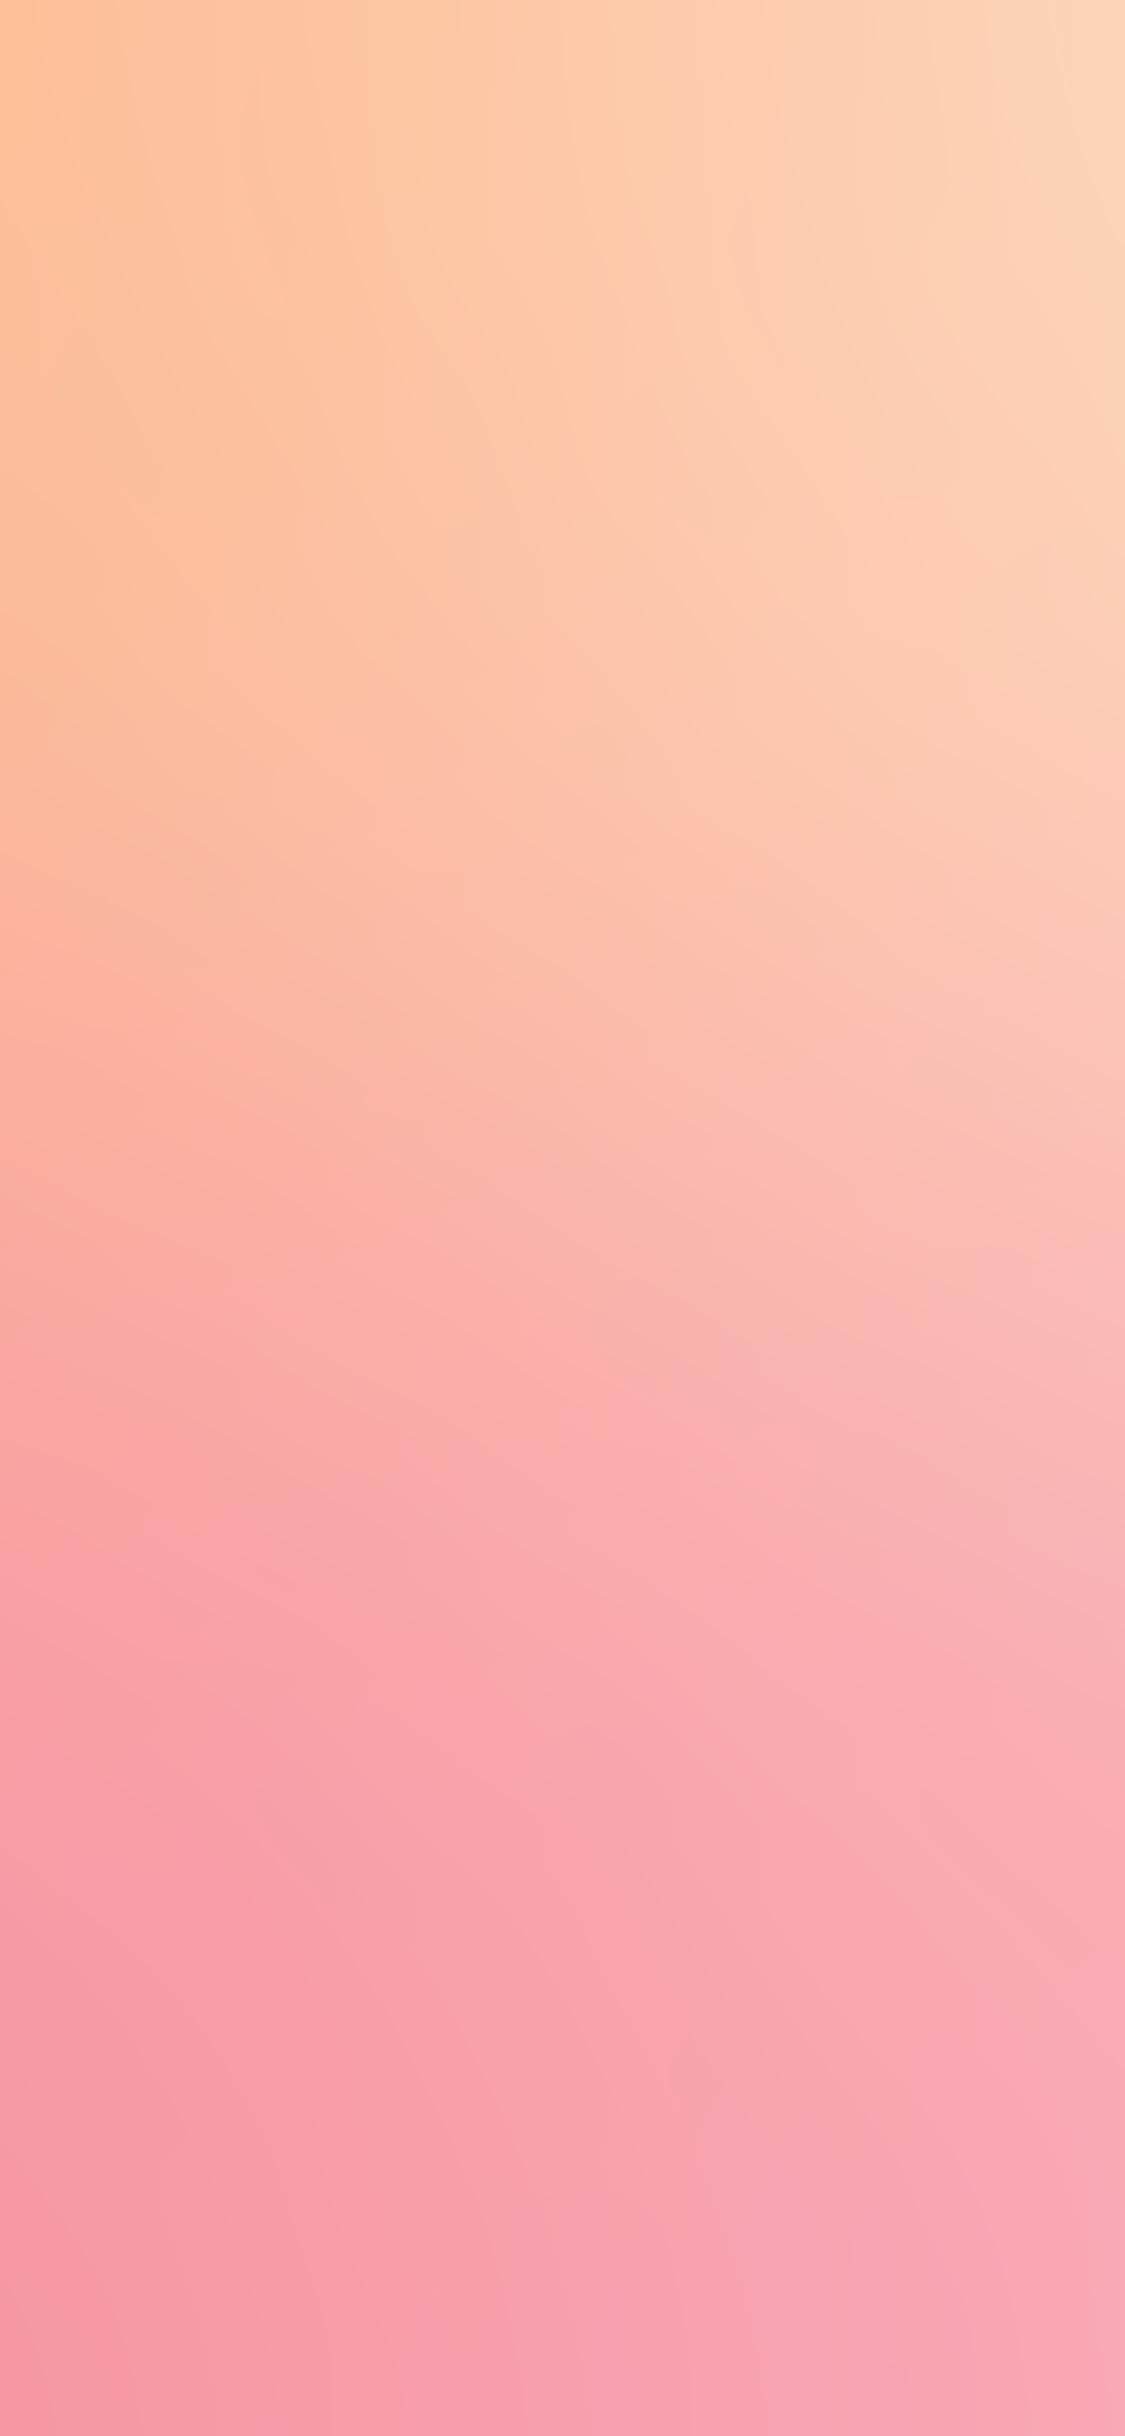 so13 pink peach soft pastel blur gradation wallpaper so13 pink peach soft pastel blur